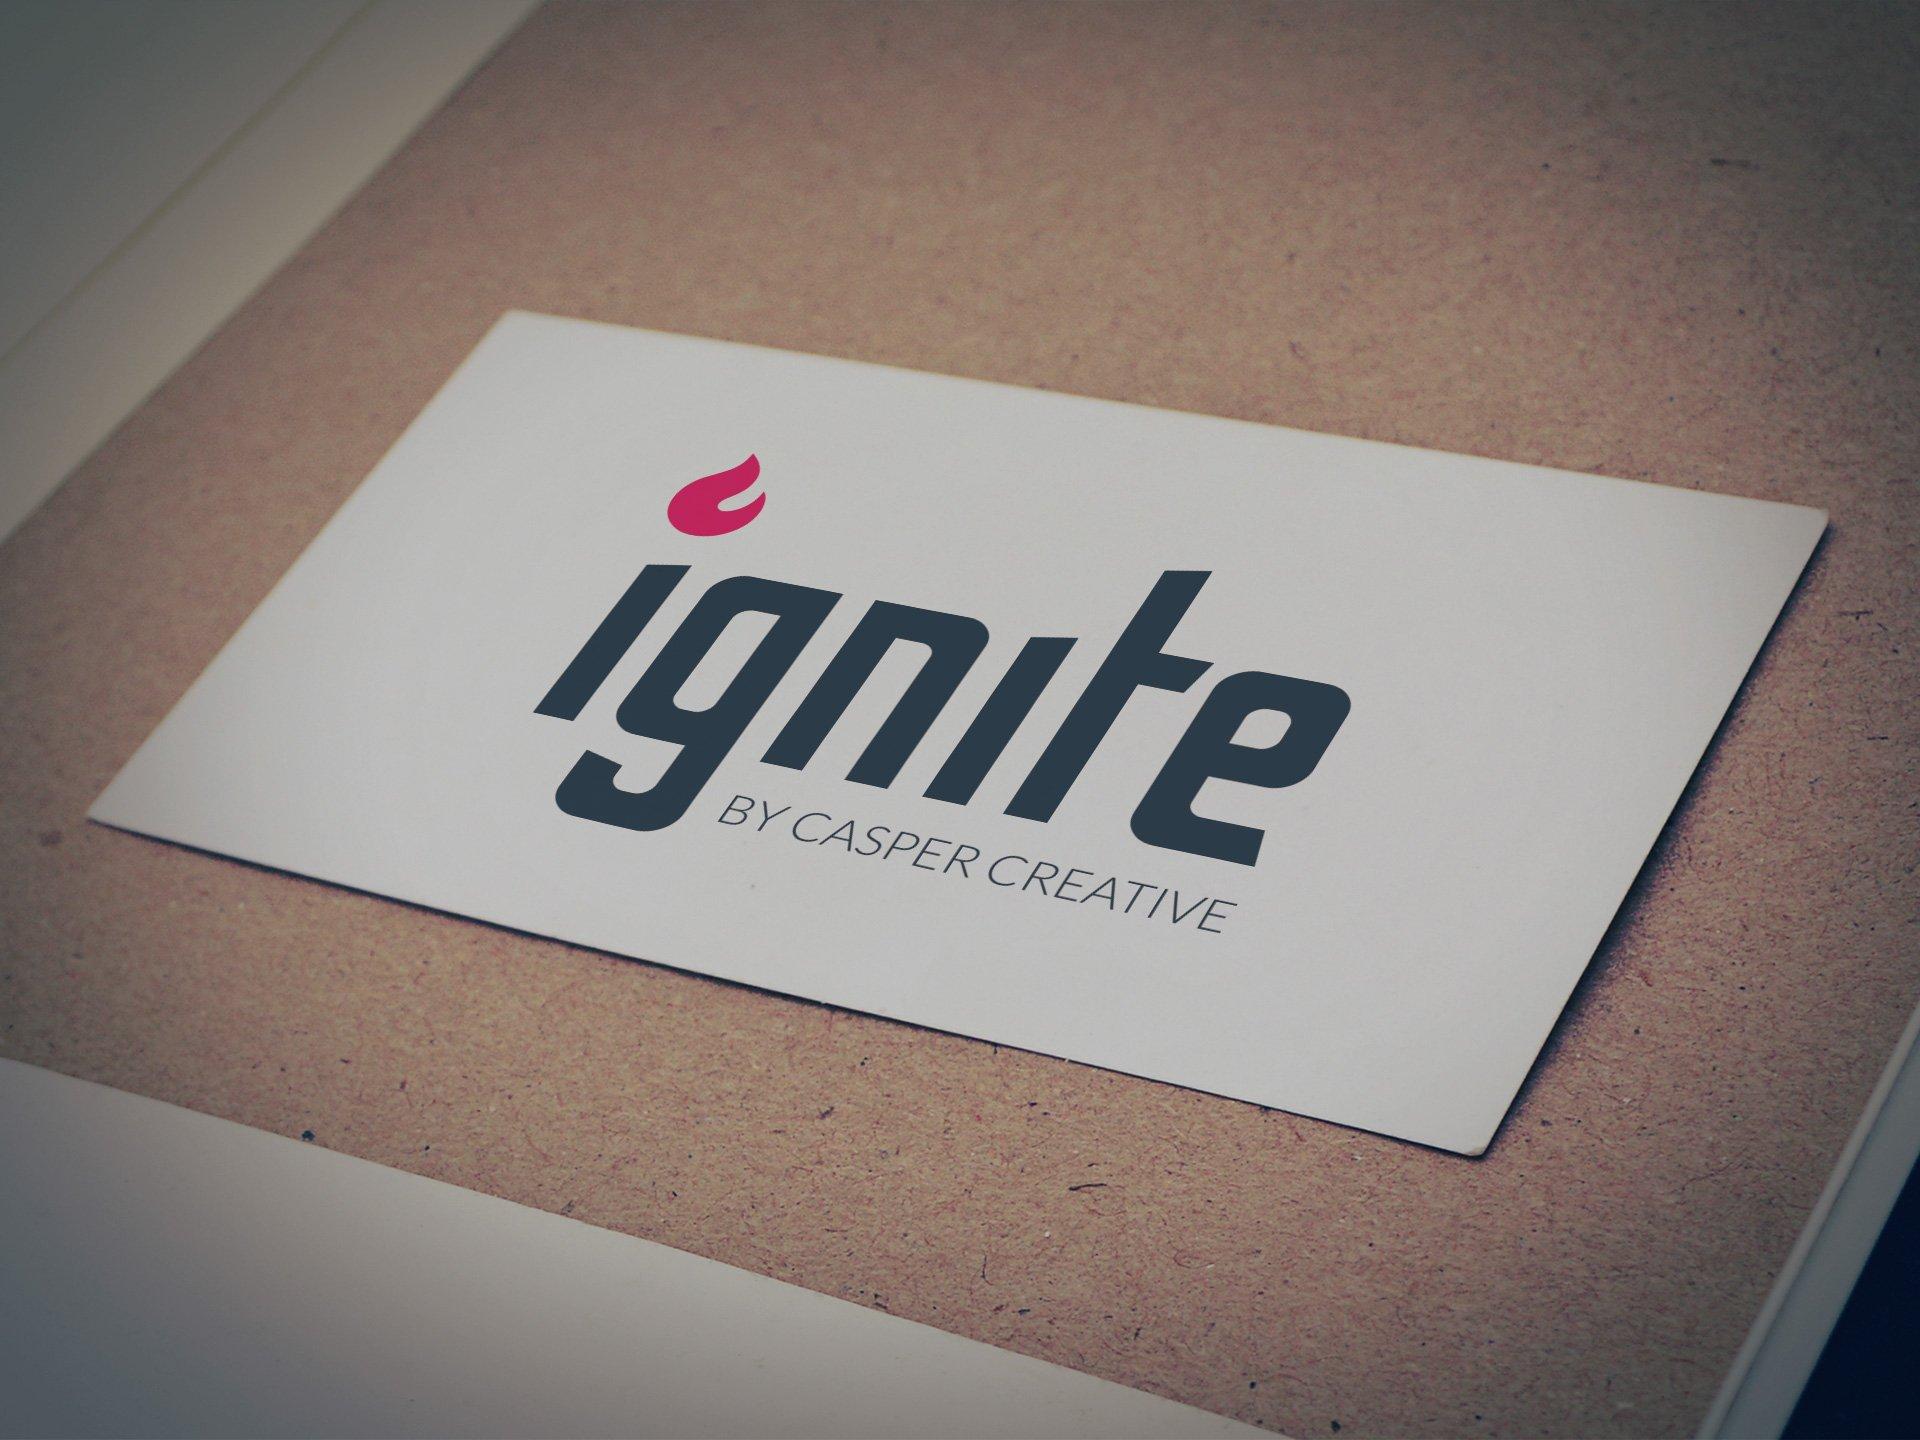 Ignite by Casper Creative Logo - Designed by Casper Creative